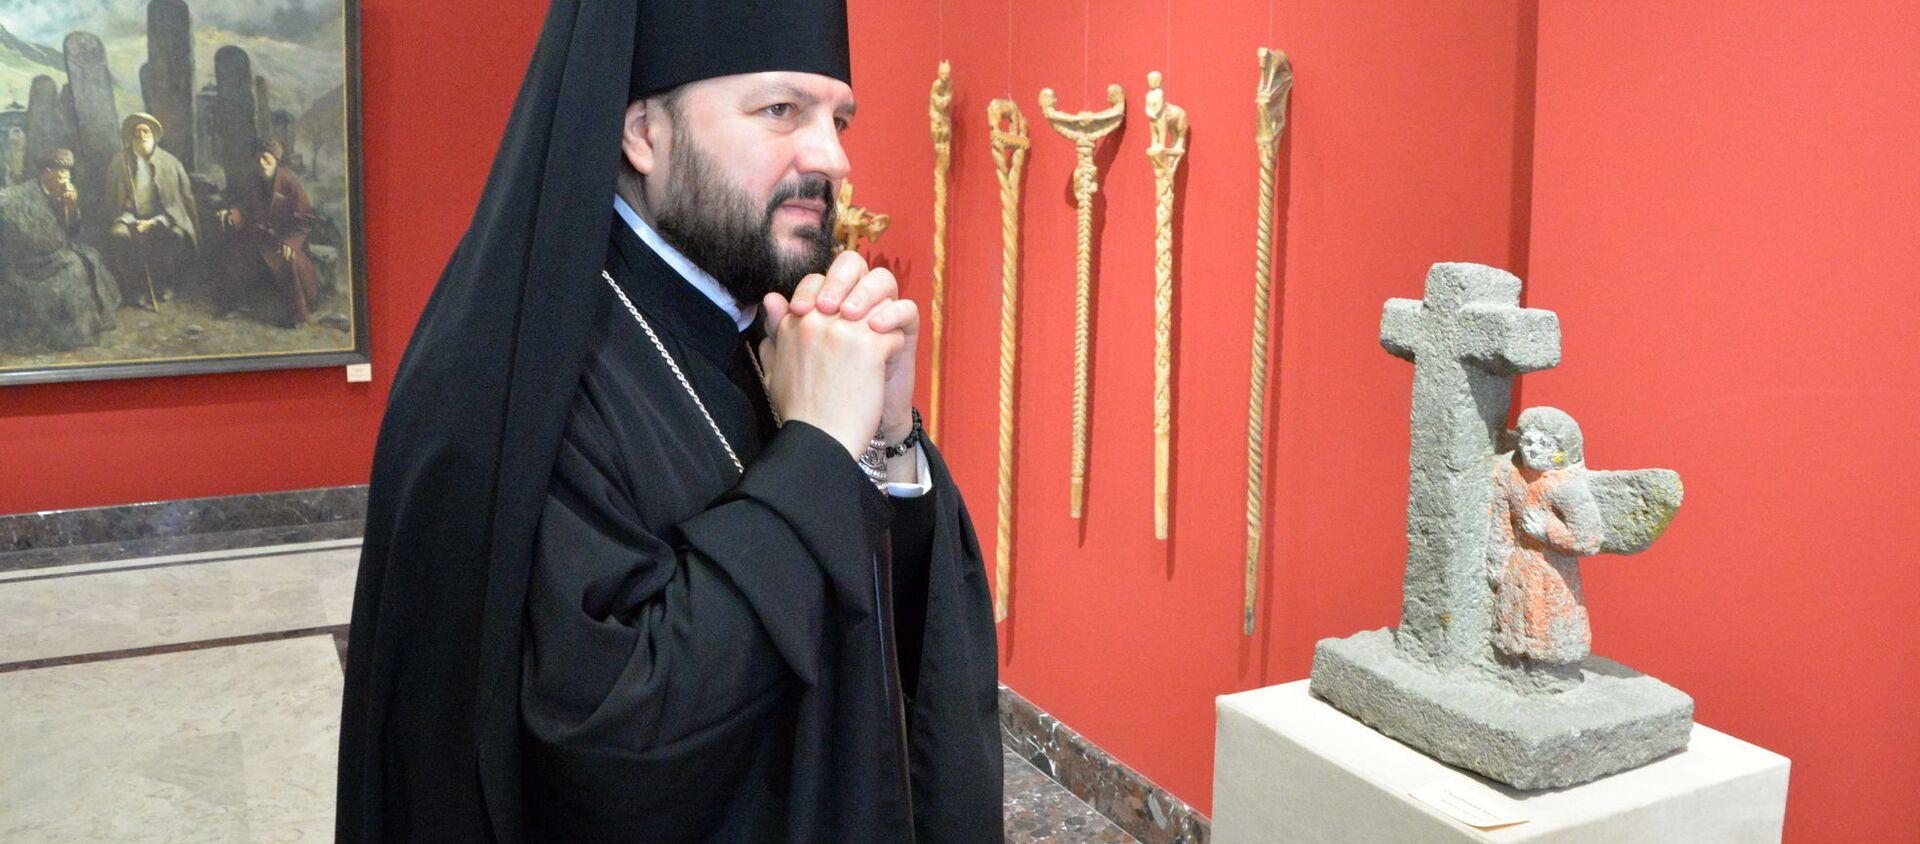 Архиепископ Владикавказский и Аланский Леонид посетил художественный музей имени Махарбека Туганова - Sputnik Южная Осетия, 1920, 28.01.2021